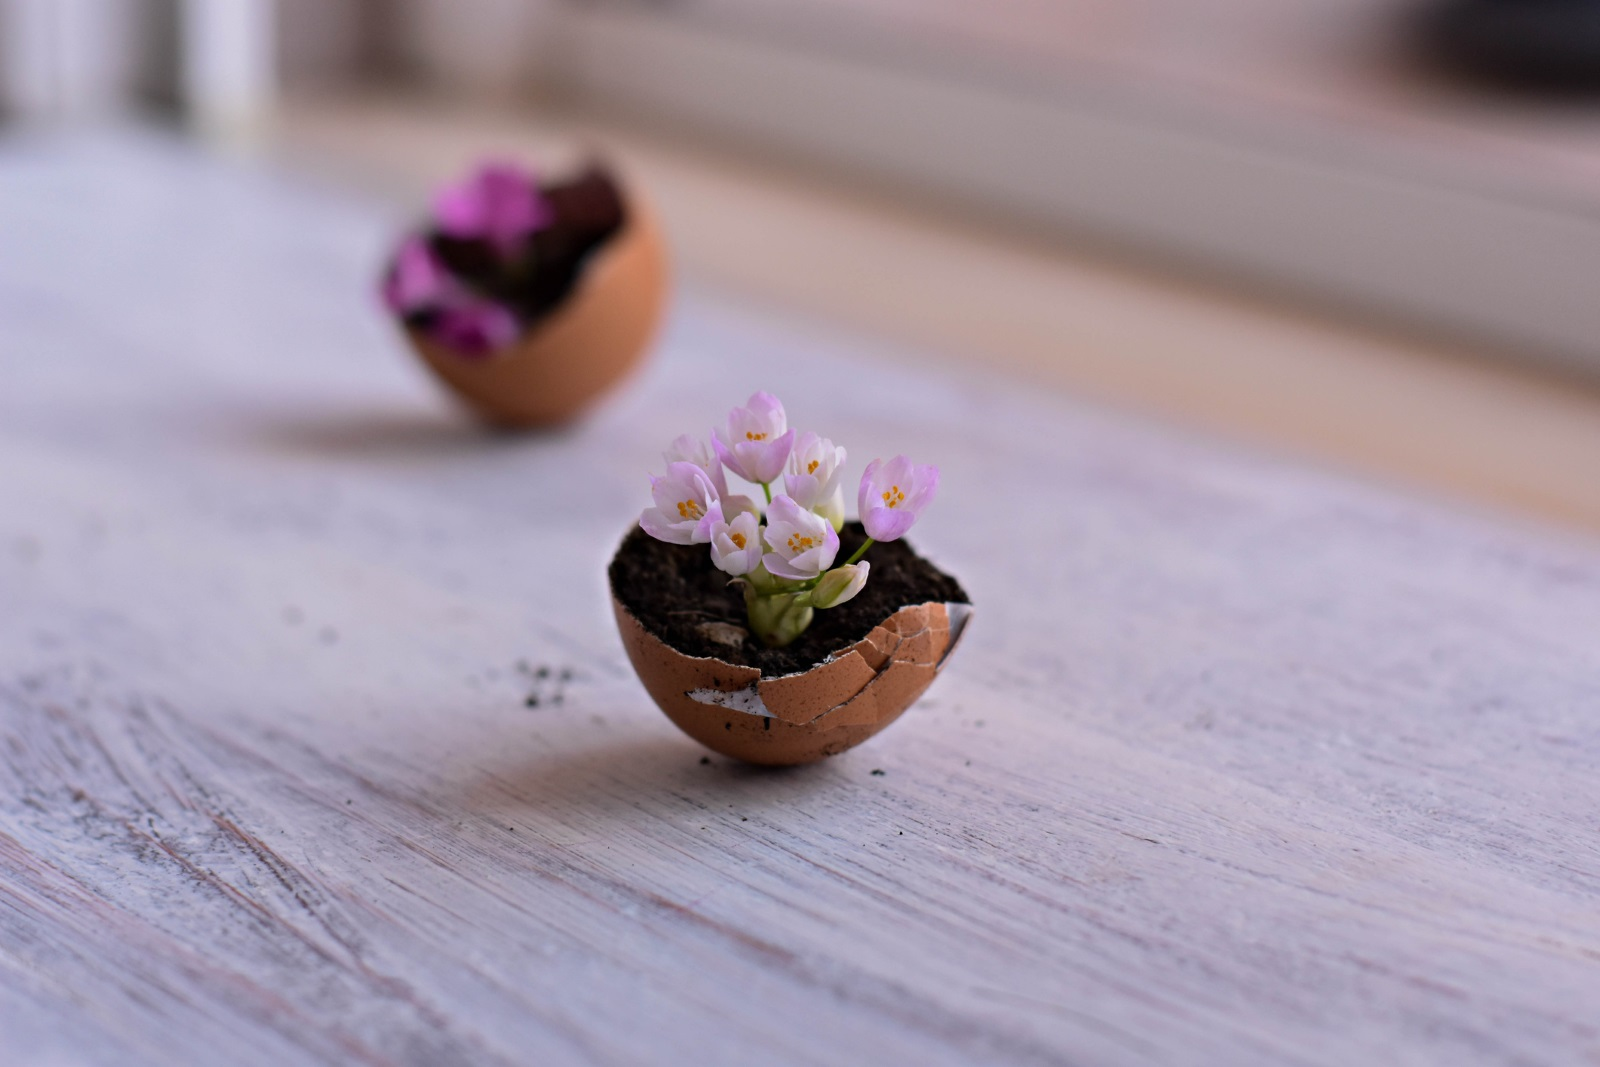 Саксийки от черупки<br /> Може да посадите в тях цветя, тревичка или ароматни подправки. Не забравяйте да направите няколко малки дупчици на дъното на черупката. Може да ги подредите отново в кора от яйца и да я украсите с слама, изкуствена трева или панделка.